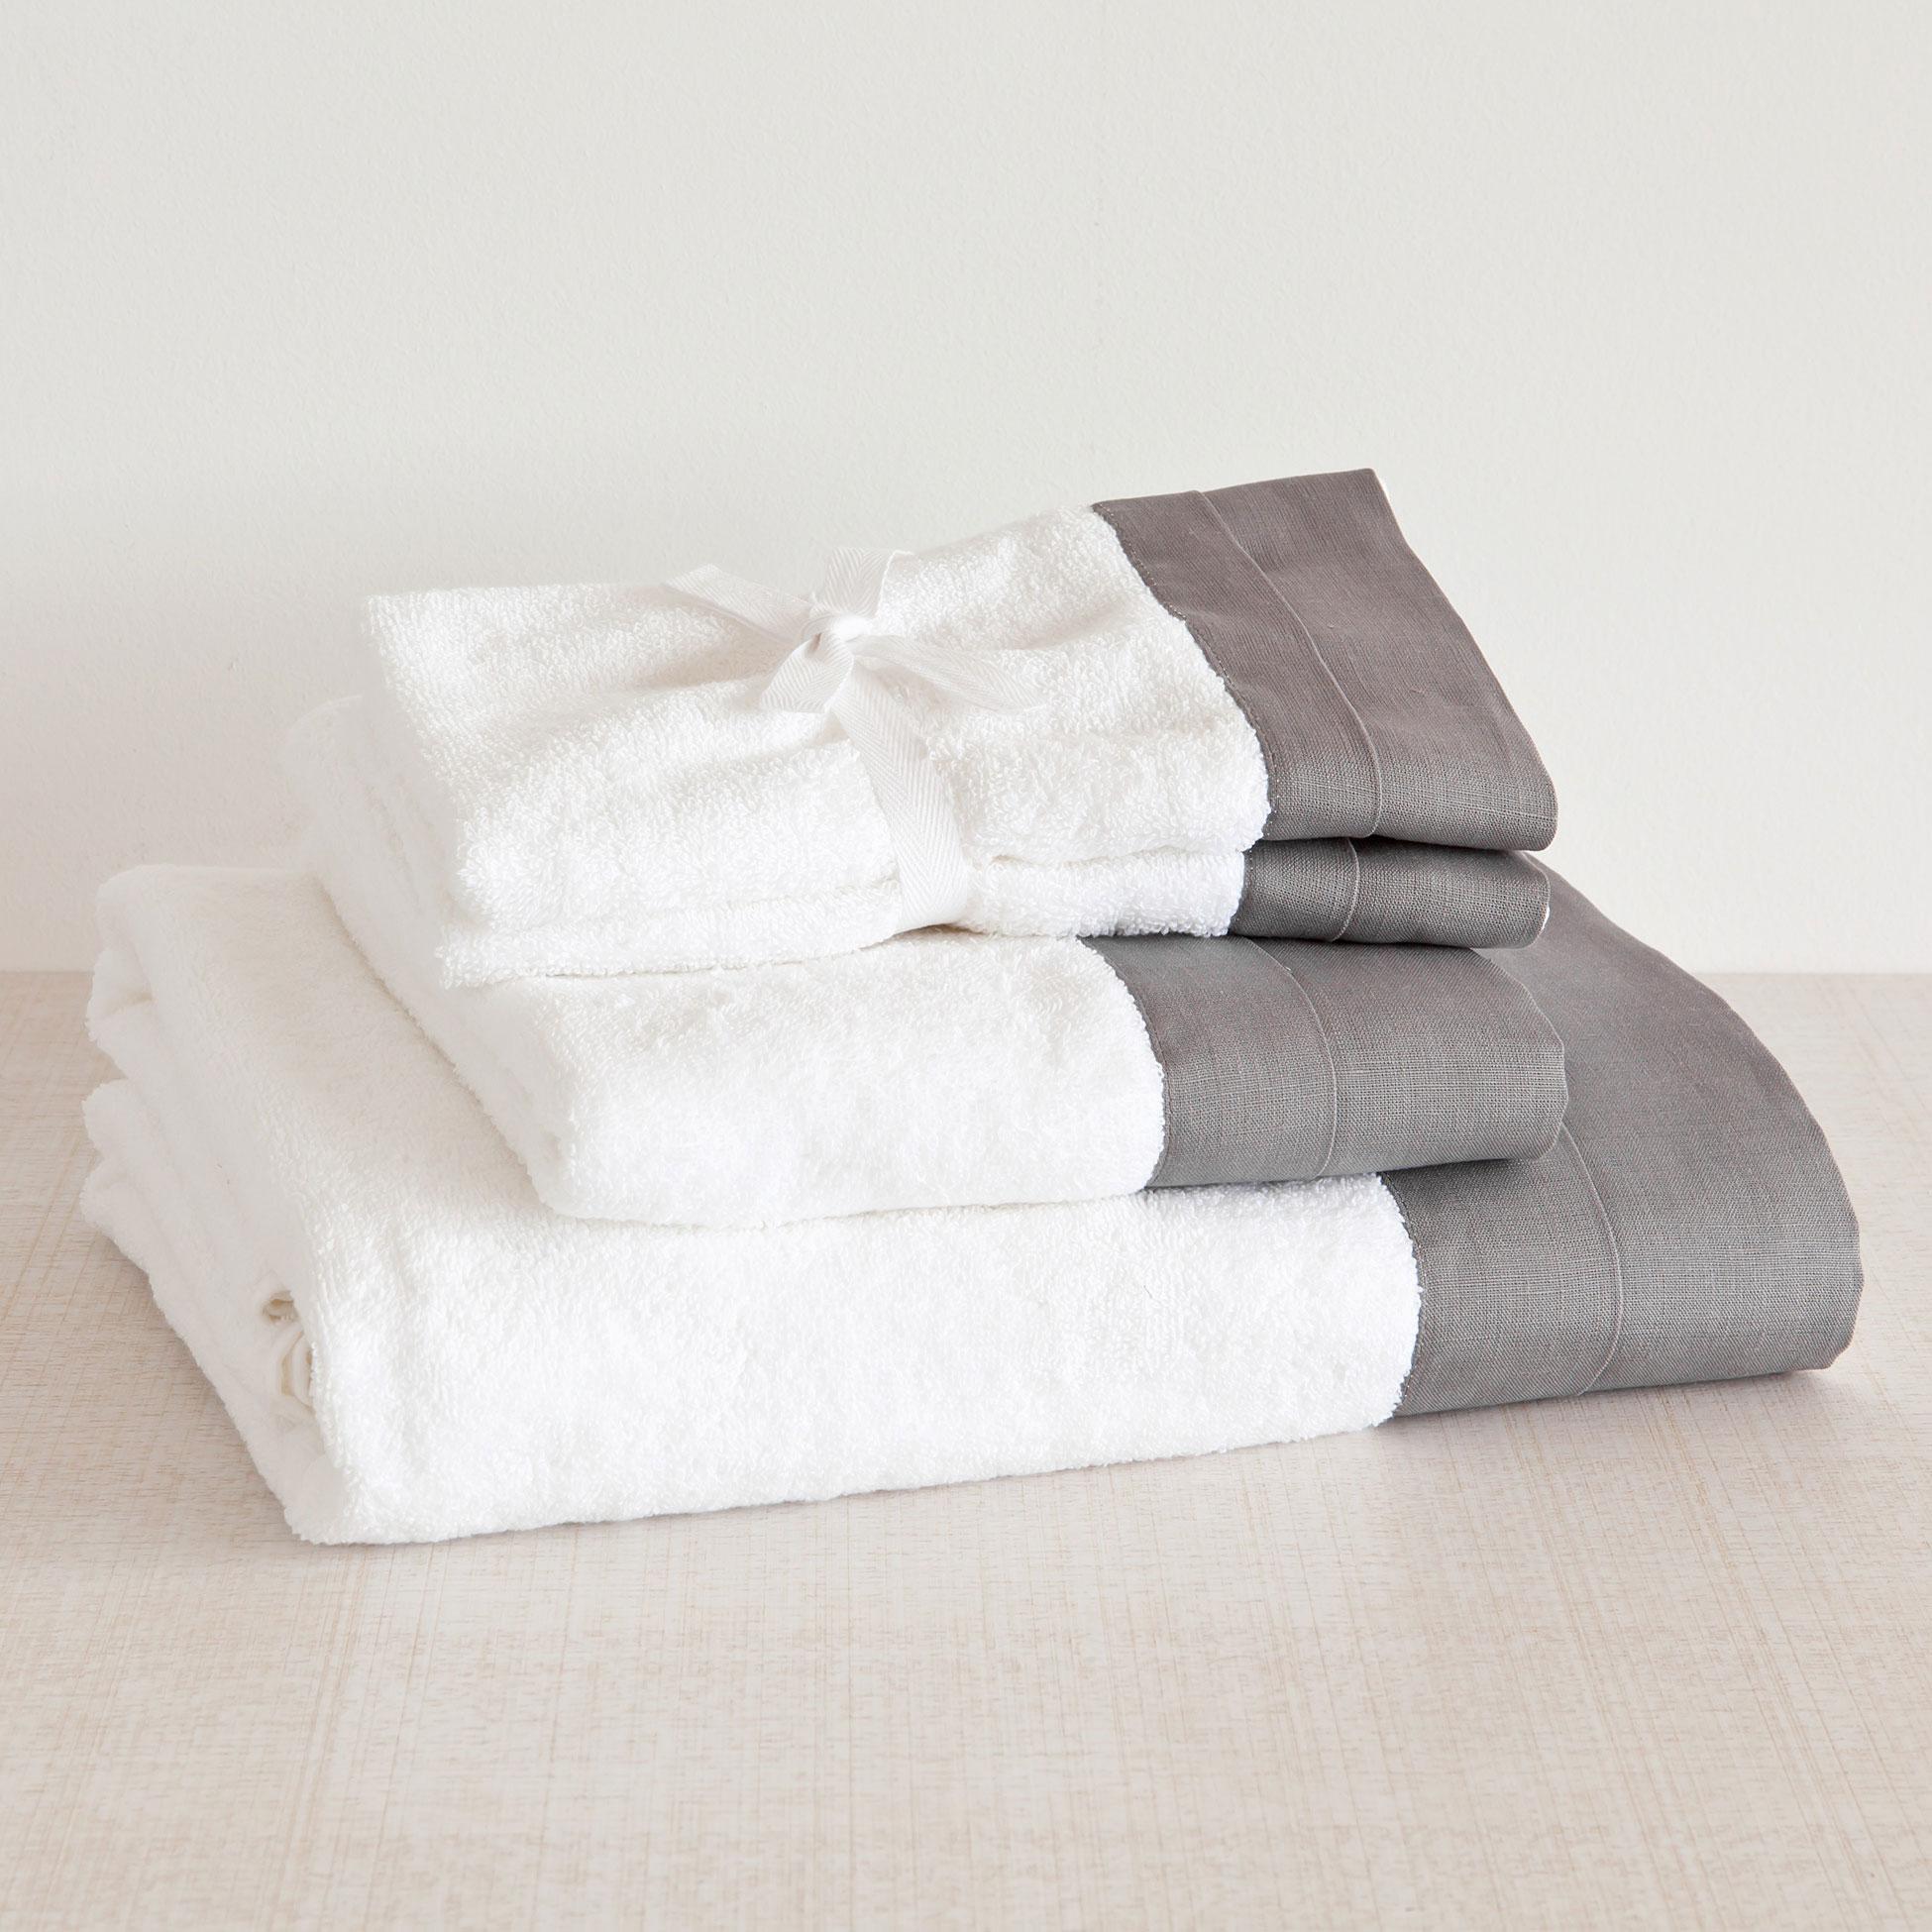 Come preparare kit bagno ospiti zara home asciugamano - Zara home bagno ...